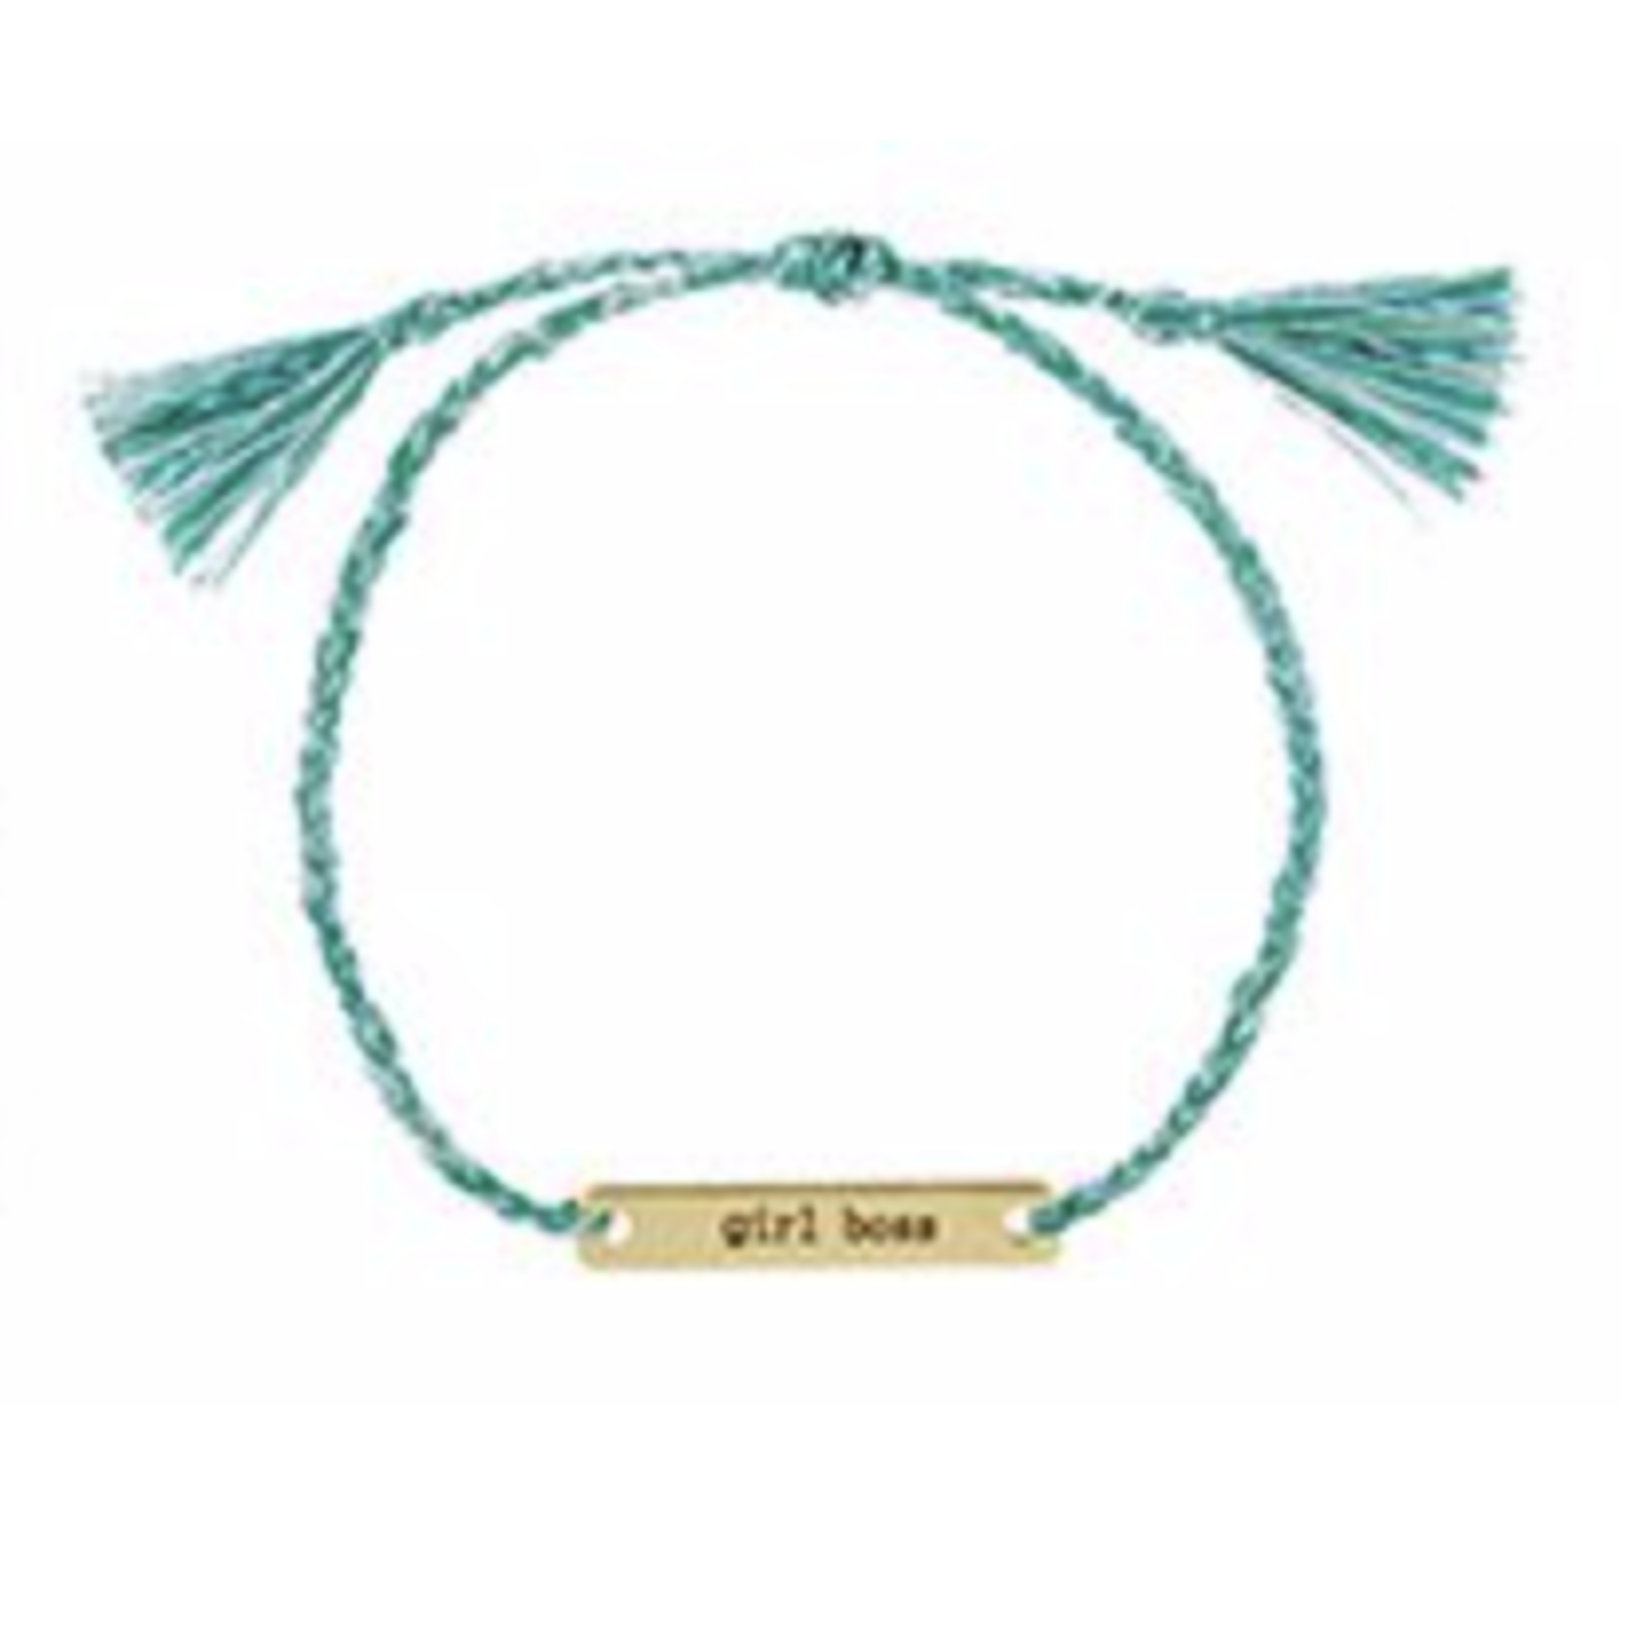 SB Designs Joy in a jar bracelet